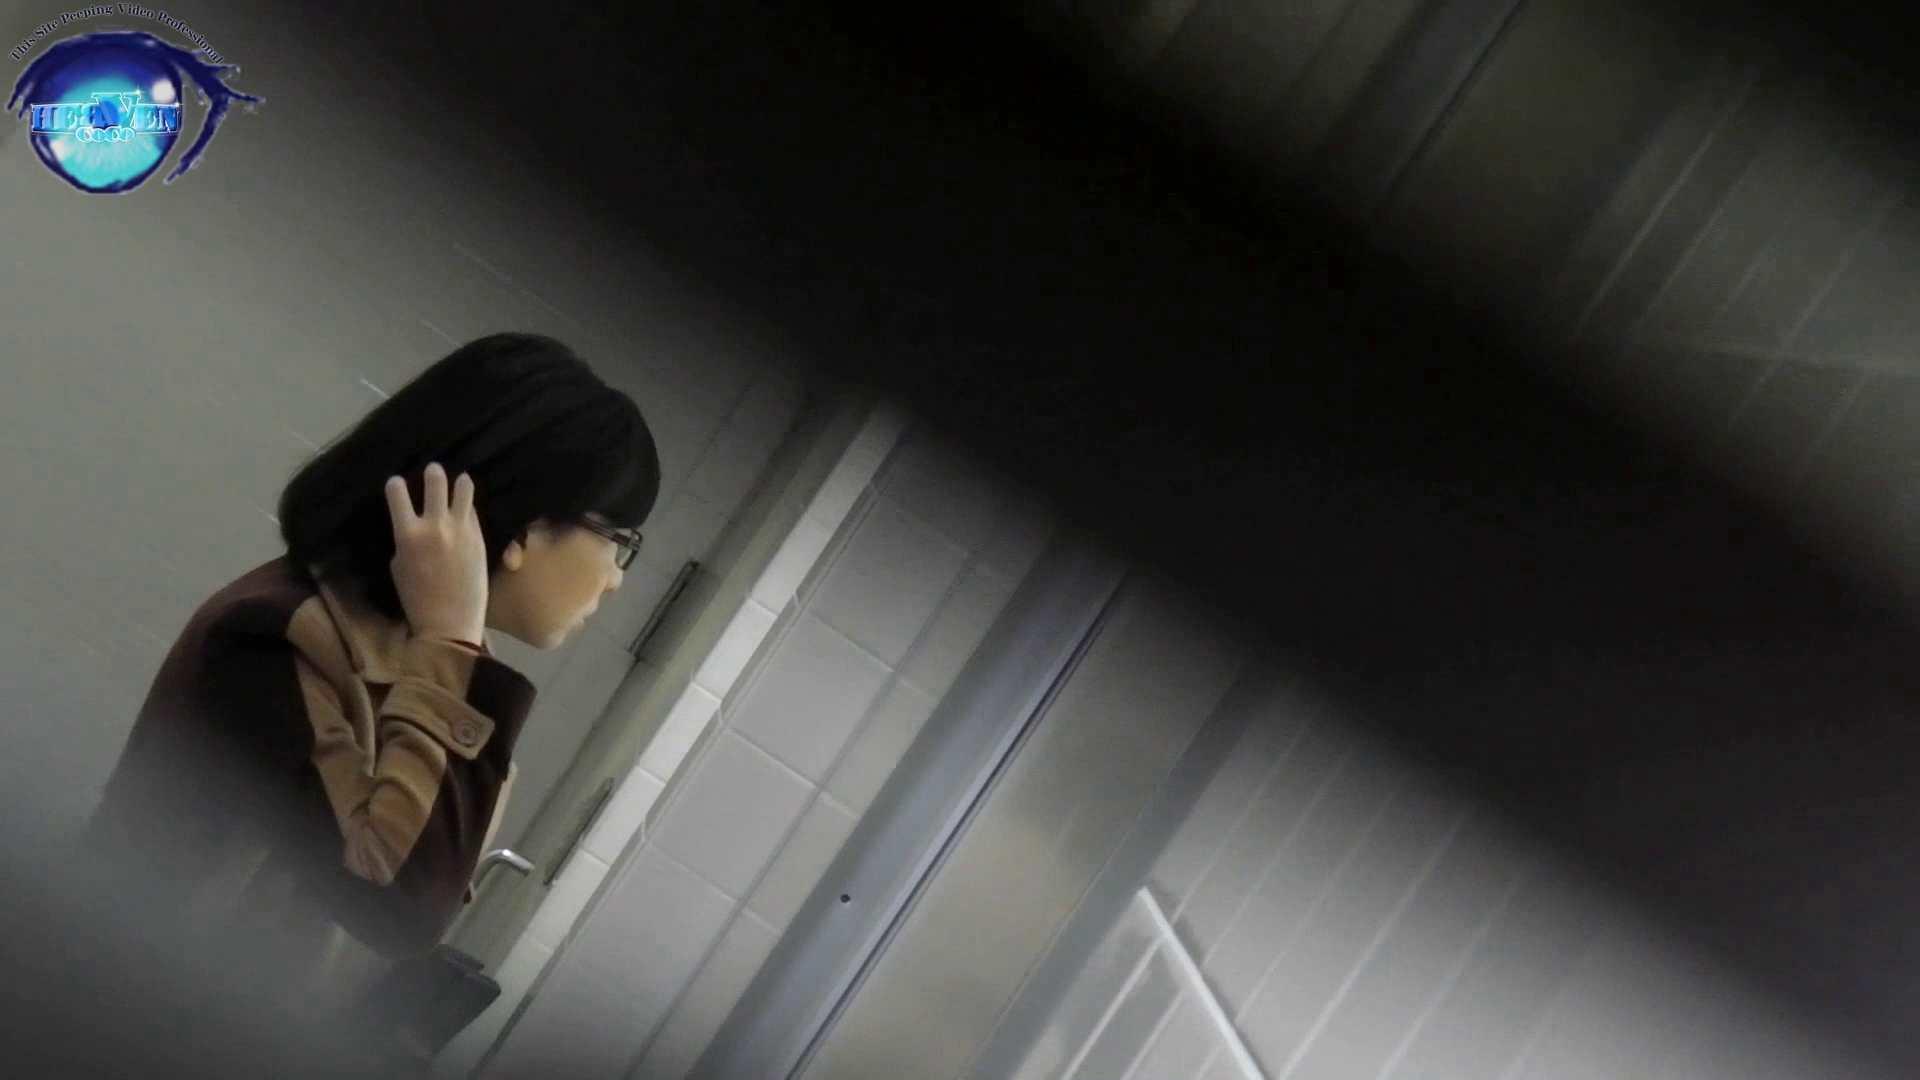 お銀さん vol.59 ピンチ!!「鏡の前で祈る女性」にばれる危機 前編 おまんこ見放題 | 盗撮シリーズ  83PIX 17